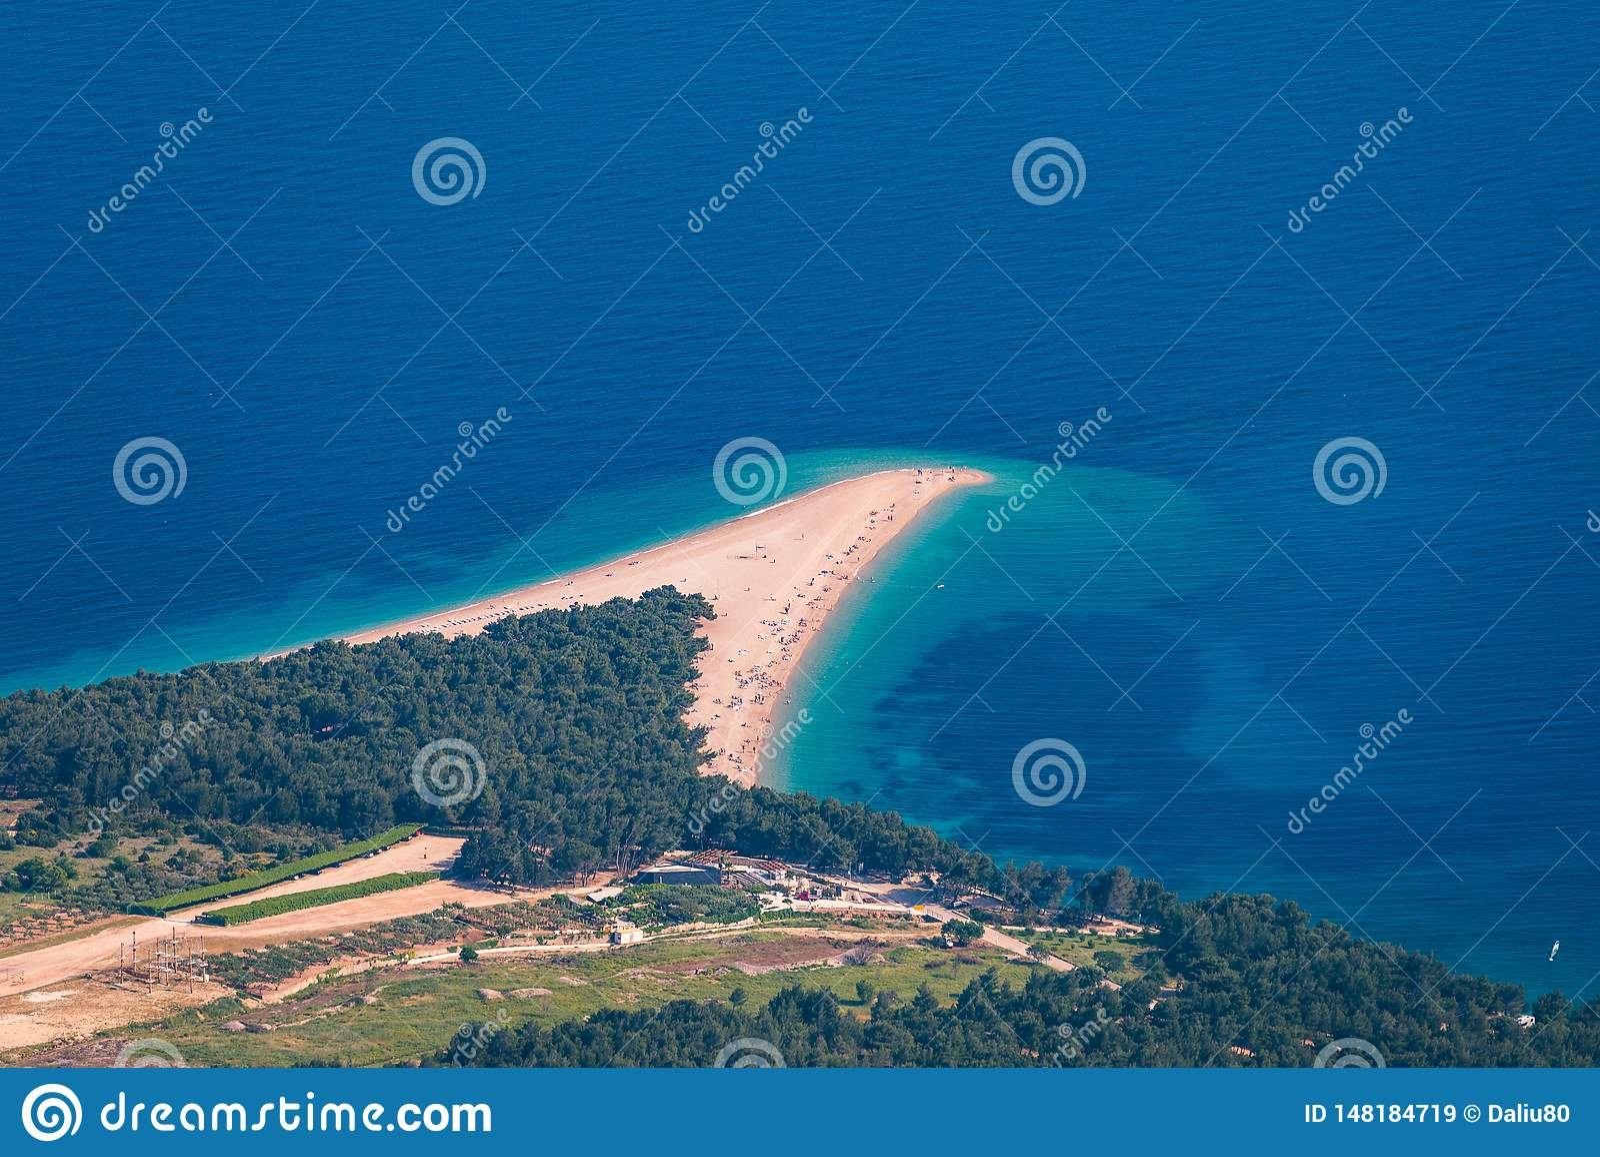 Όμορφο πανόραμα του διάσημου αδριατικού αρουραίου Zlatni παραλιών (χρυσό ακρωτήριο ή χρυσό κέρατο) με το τυρκουάζ νερό, νησί Brac